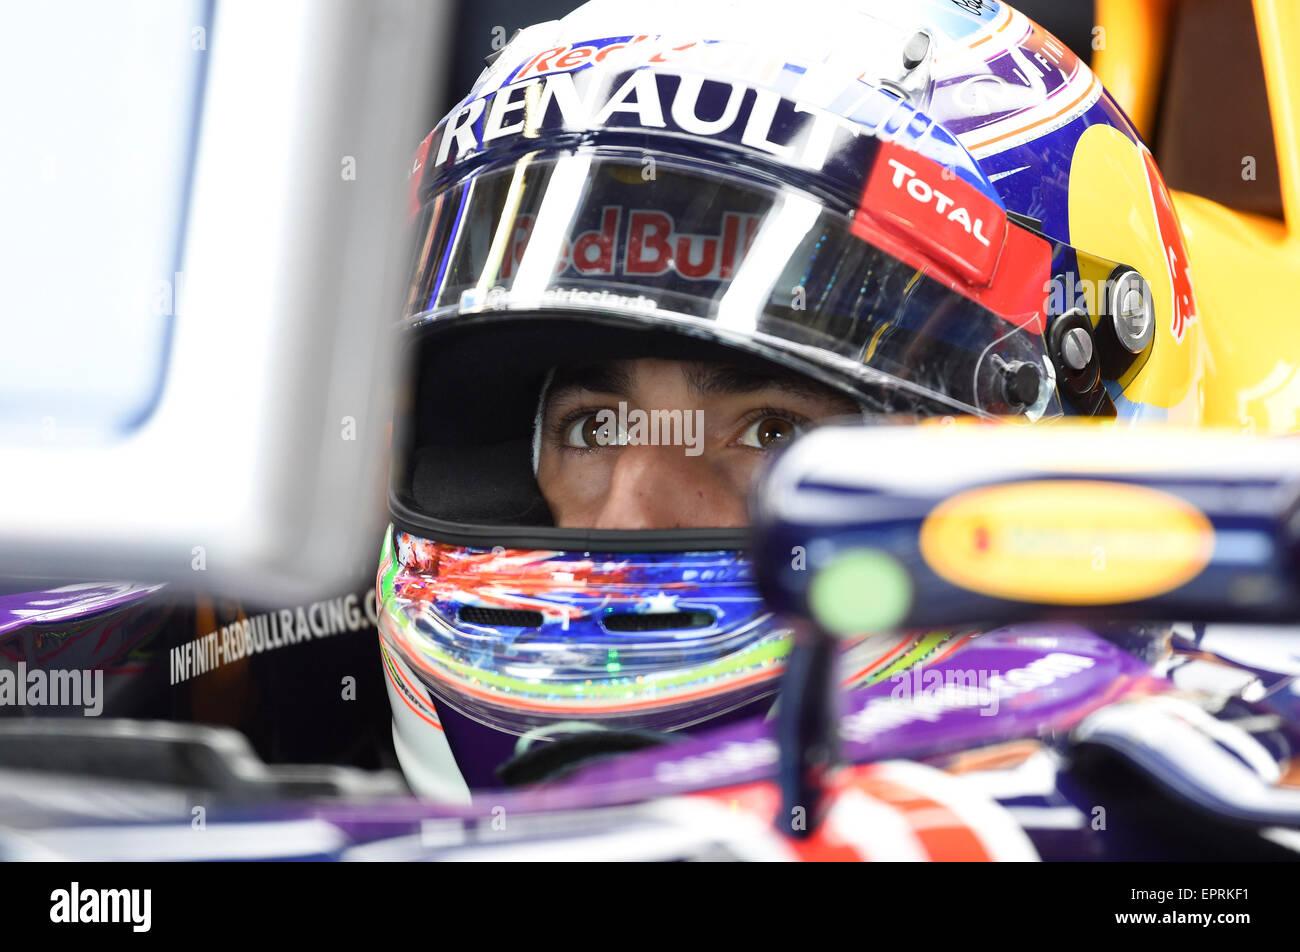 Monte Carlo, Monaco. 21 Maggio, 2015. Daniel Ricciardo, la Red Bull Racing, Formula 1 2015, il Grand Prix di Monaco, Immagini Stock